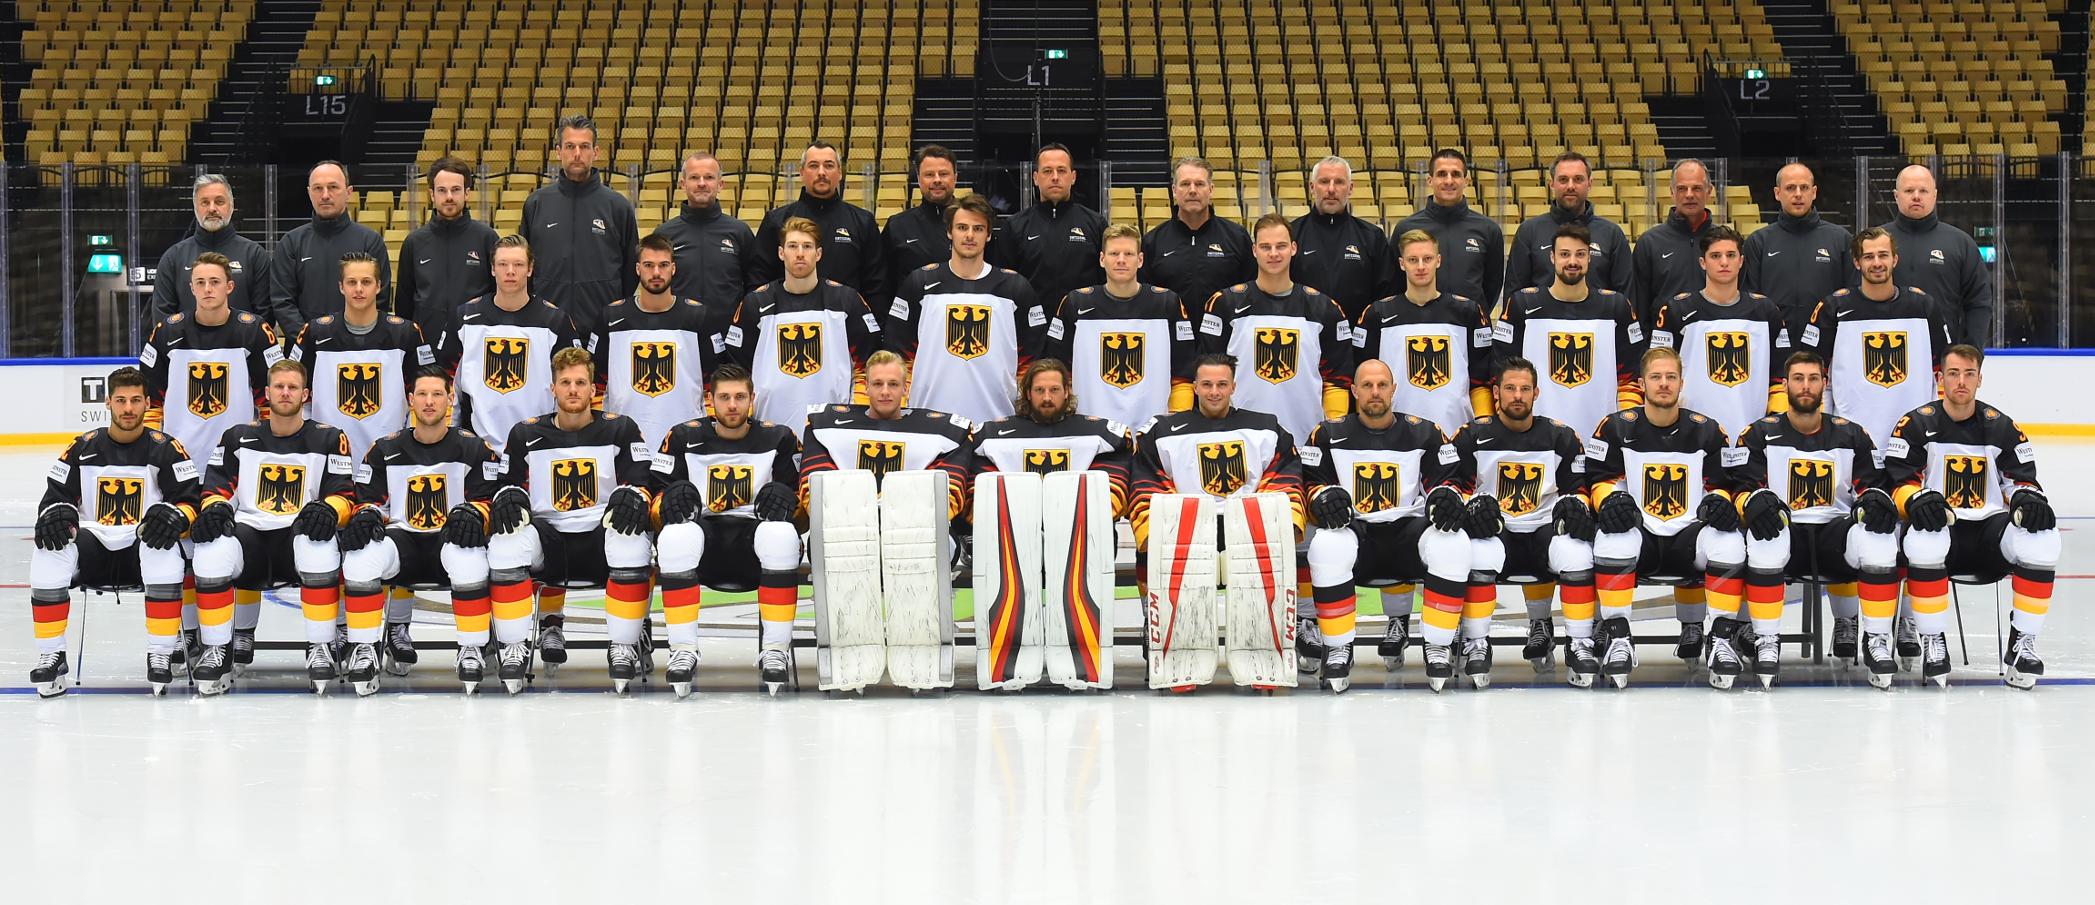 Männer Nationalmannschaft Deutscher Eishockey Bund Ev